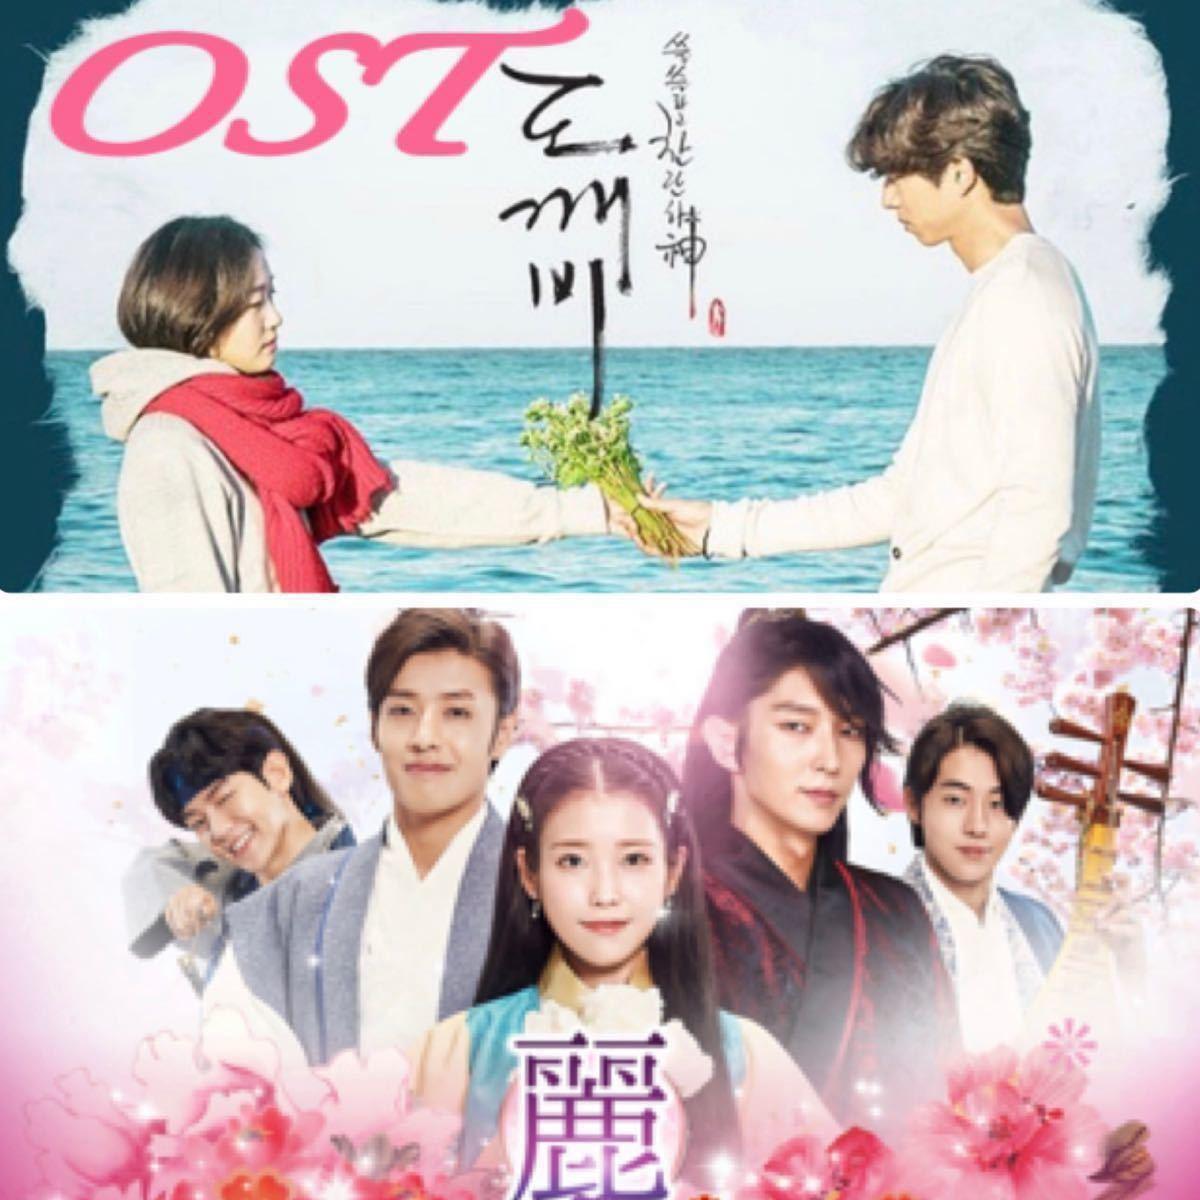 韓国ドラマ OST COLLECTION DVD          「トッケビ」「麗 花萌ゆる8人の皇子たち」